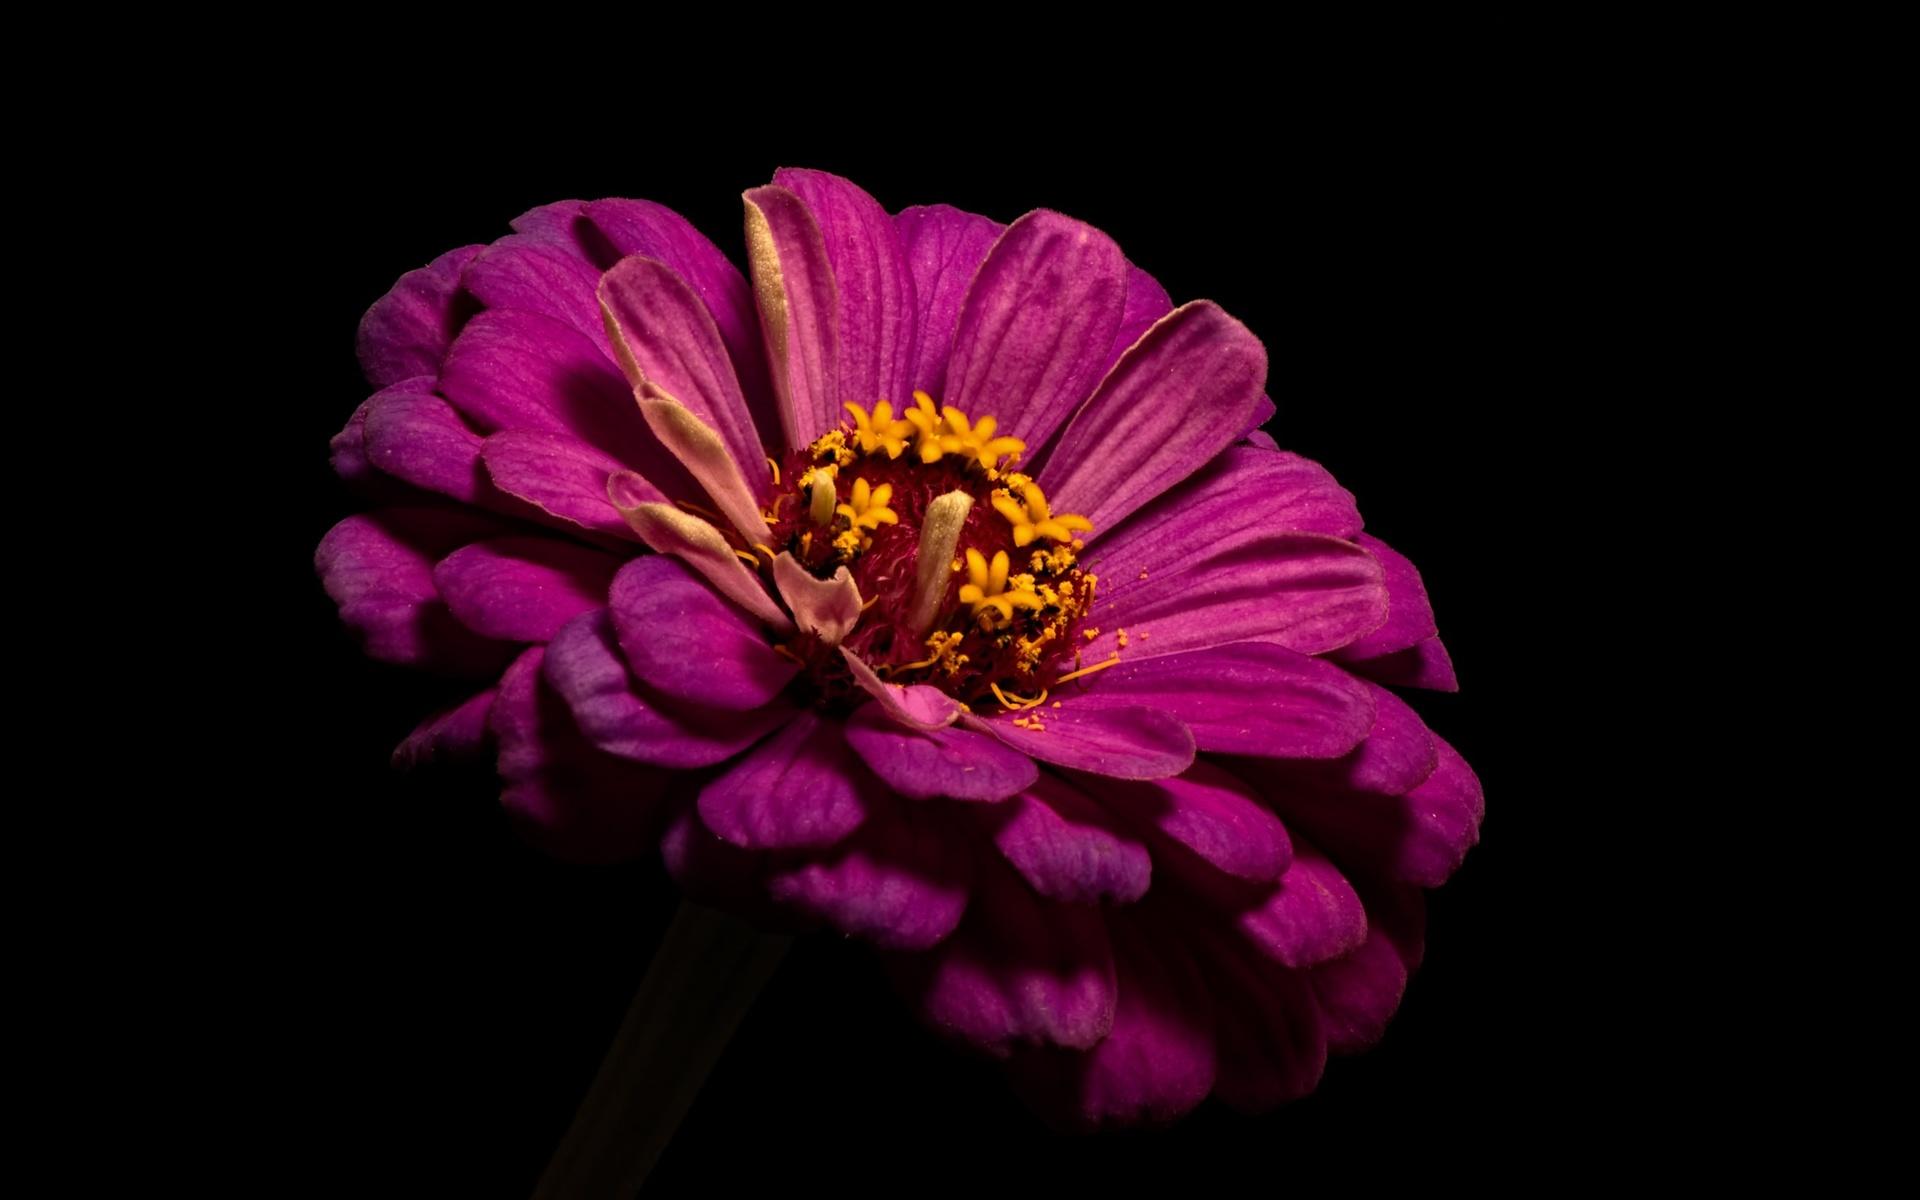 цветок, вблизи, черный, фон